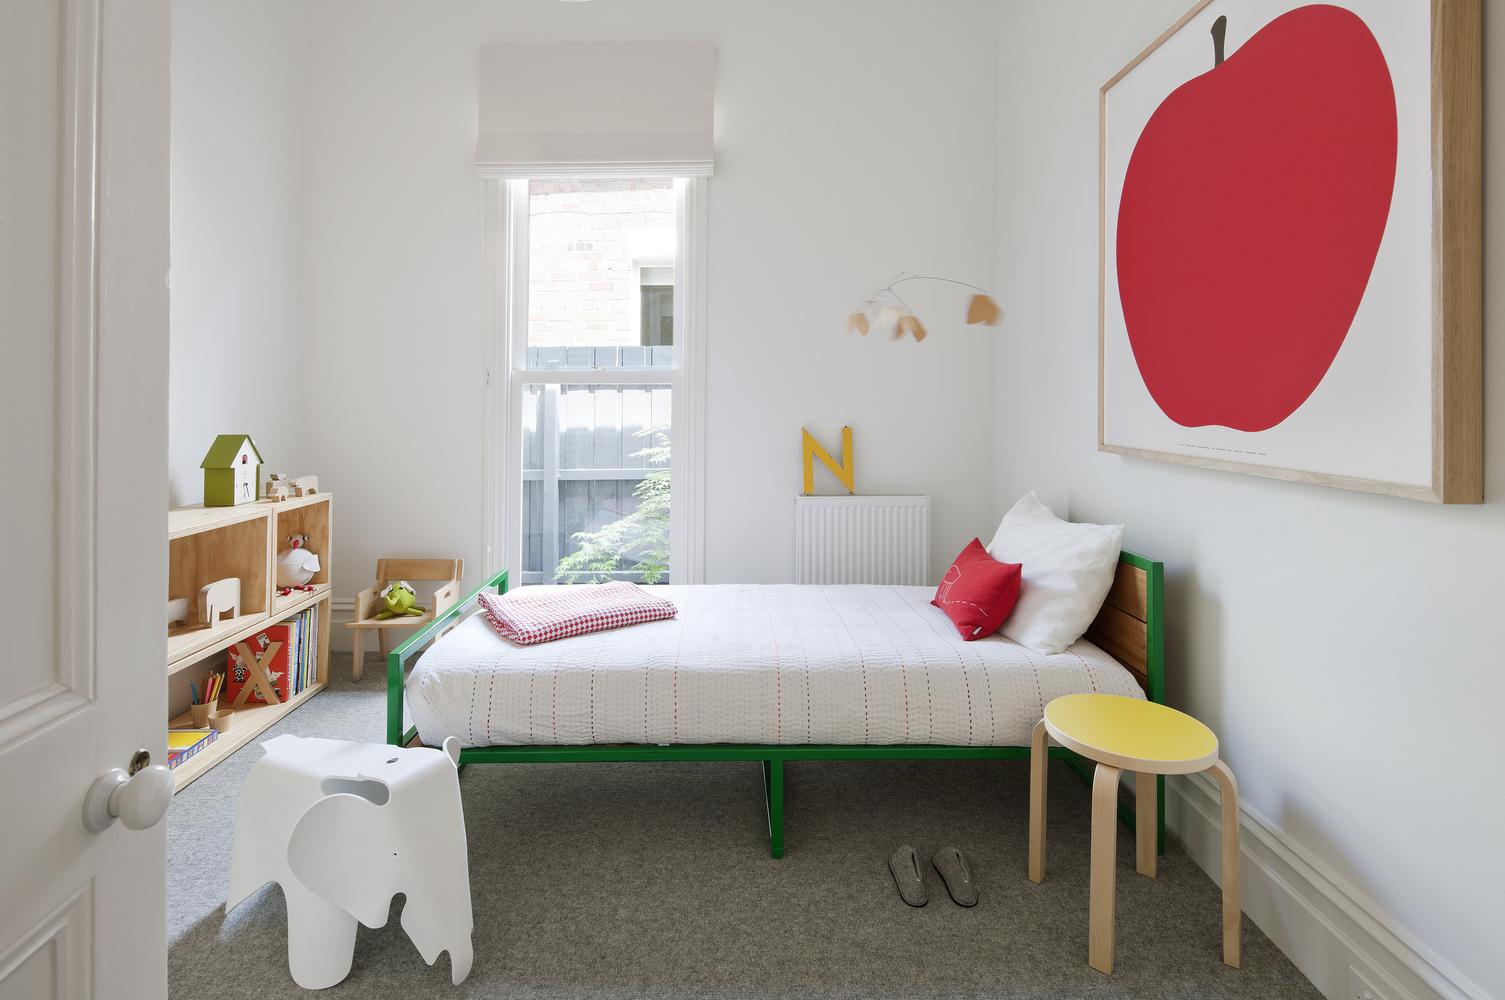 极简风格别墅儿童房装修设计图